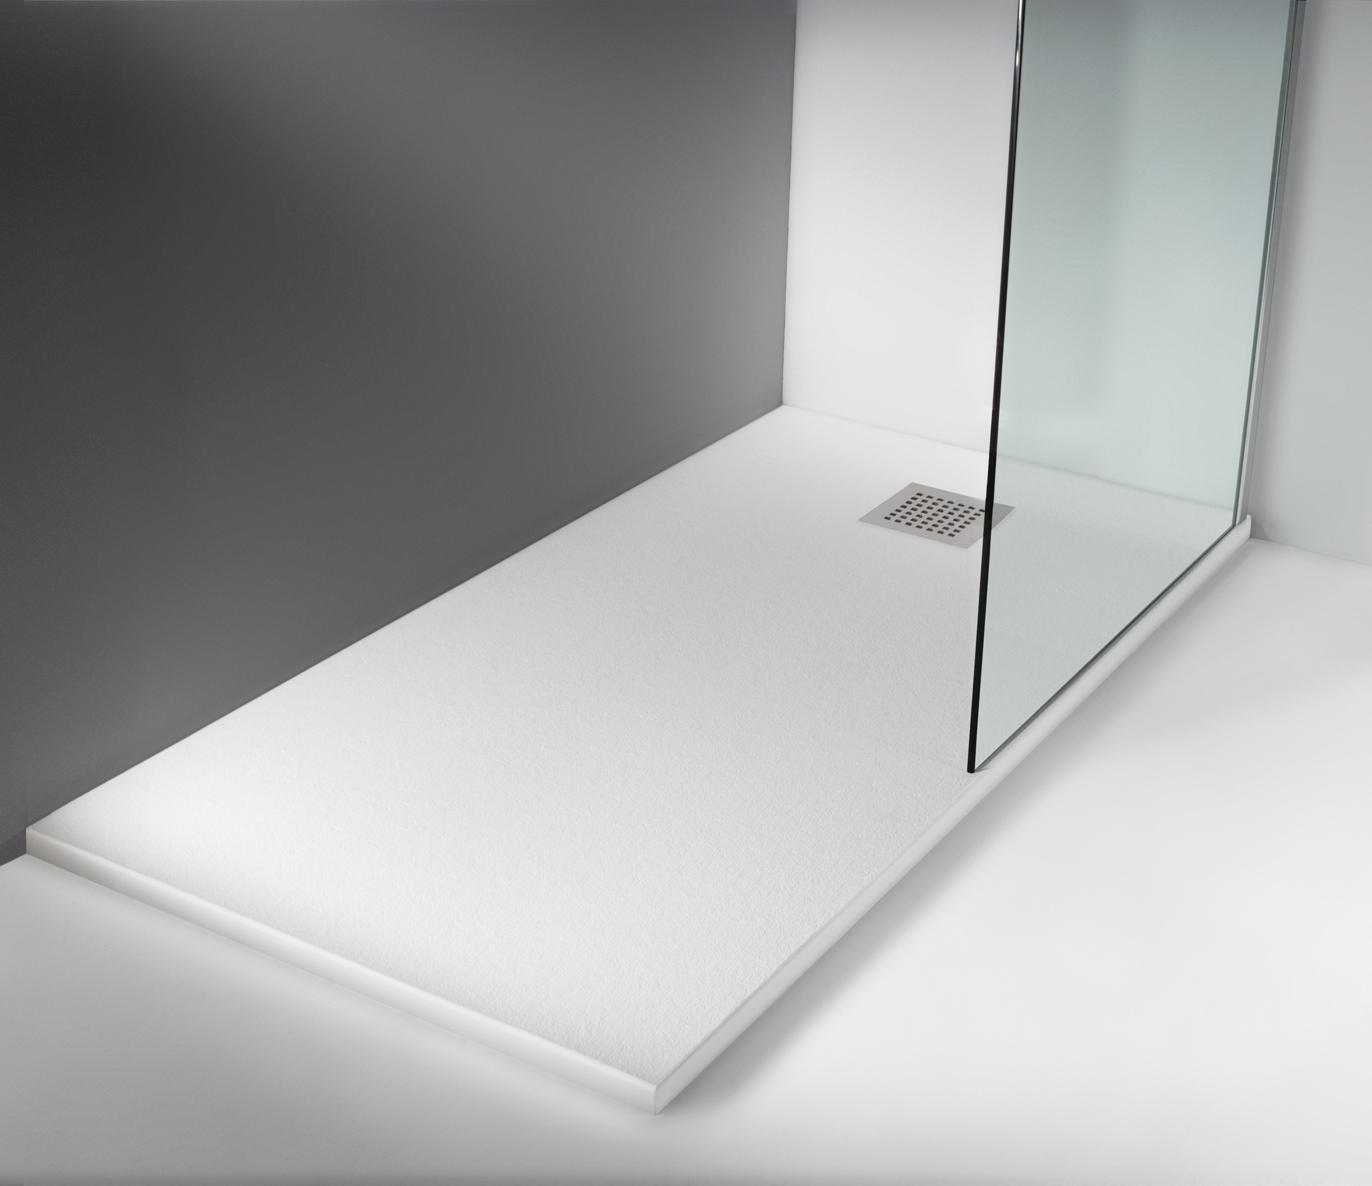 Platos de ducha antideslizantes c mo elegir el adecuado - Plato de ducha porcelana ...